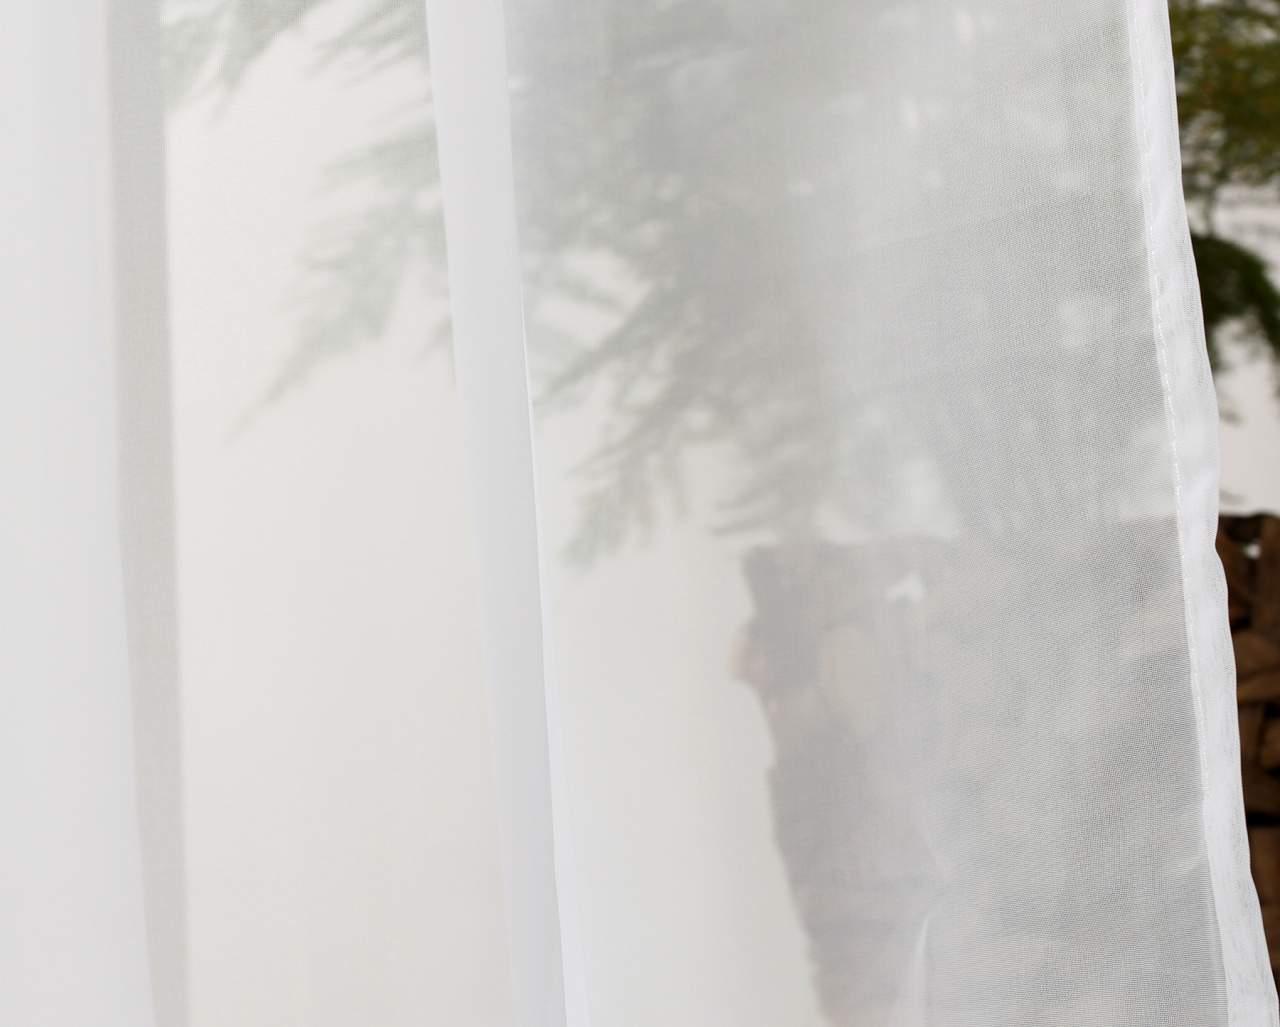 Full Size of Stores Fenster 305 Gardine Mit 50mm Kruselband Transparent Vorhang Alu Holz Veka Insektenschutz Ohne Bohren Standardmaße Einbruchschutz Nachrüsten Online Fenster Stores Fenster